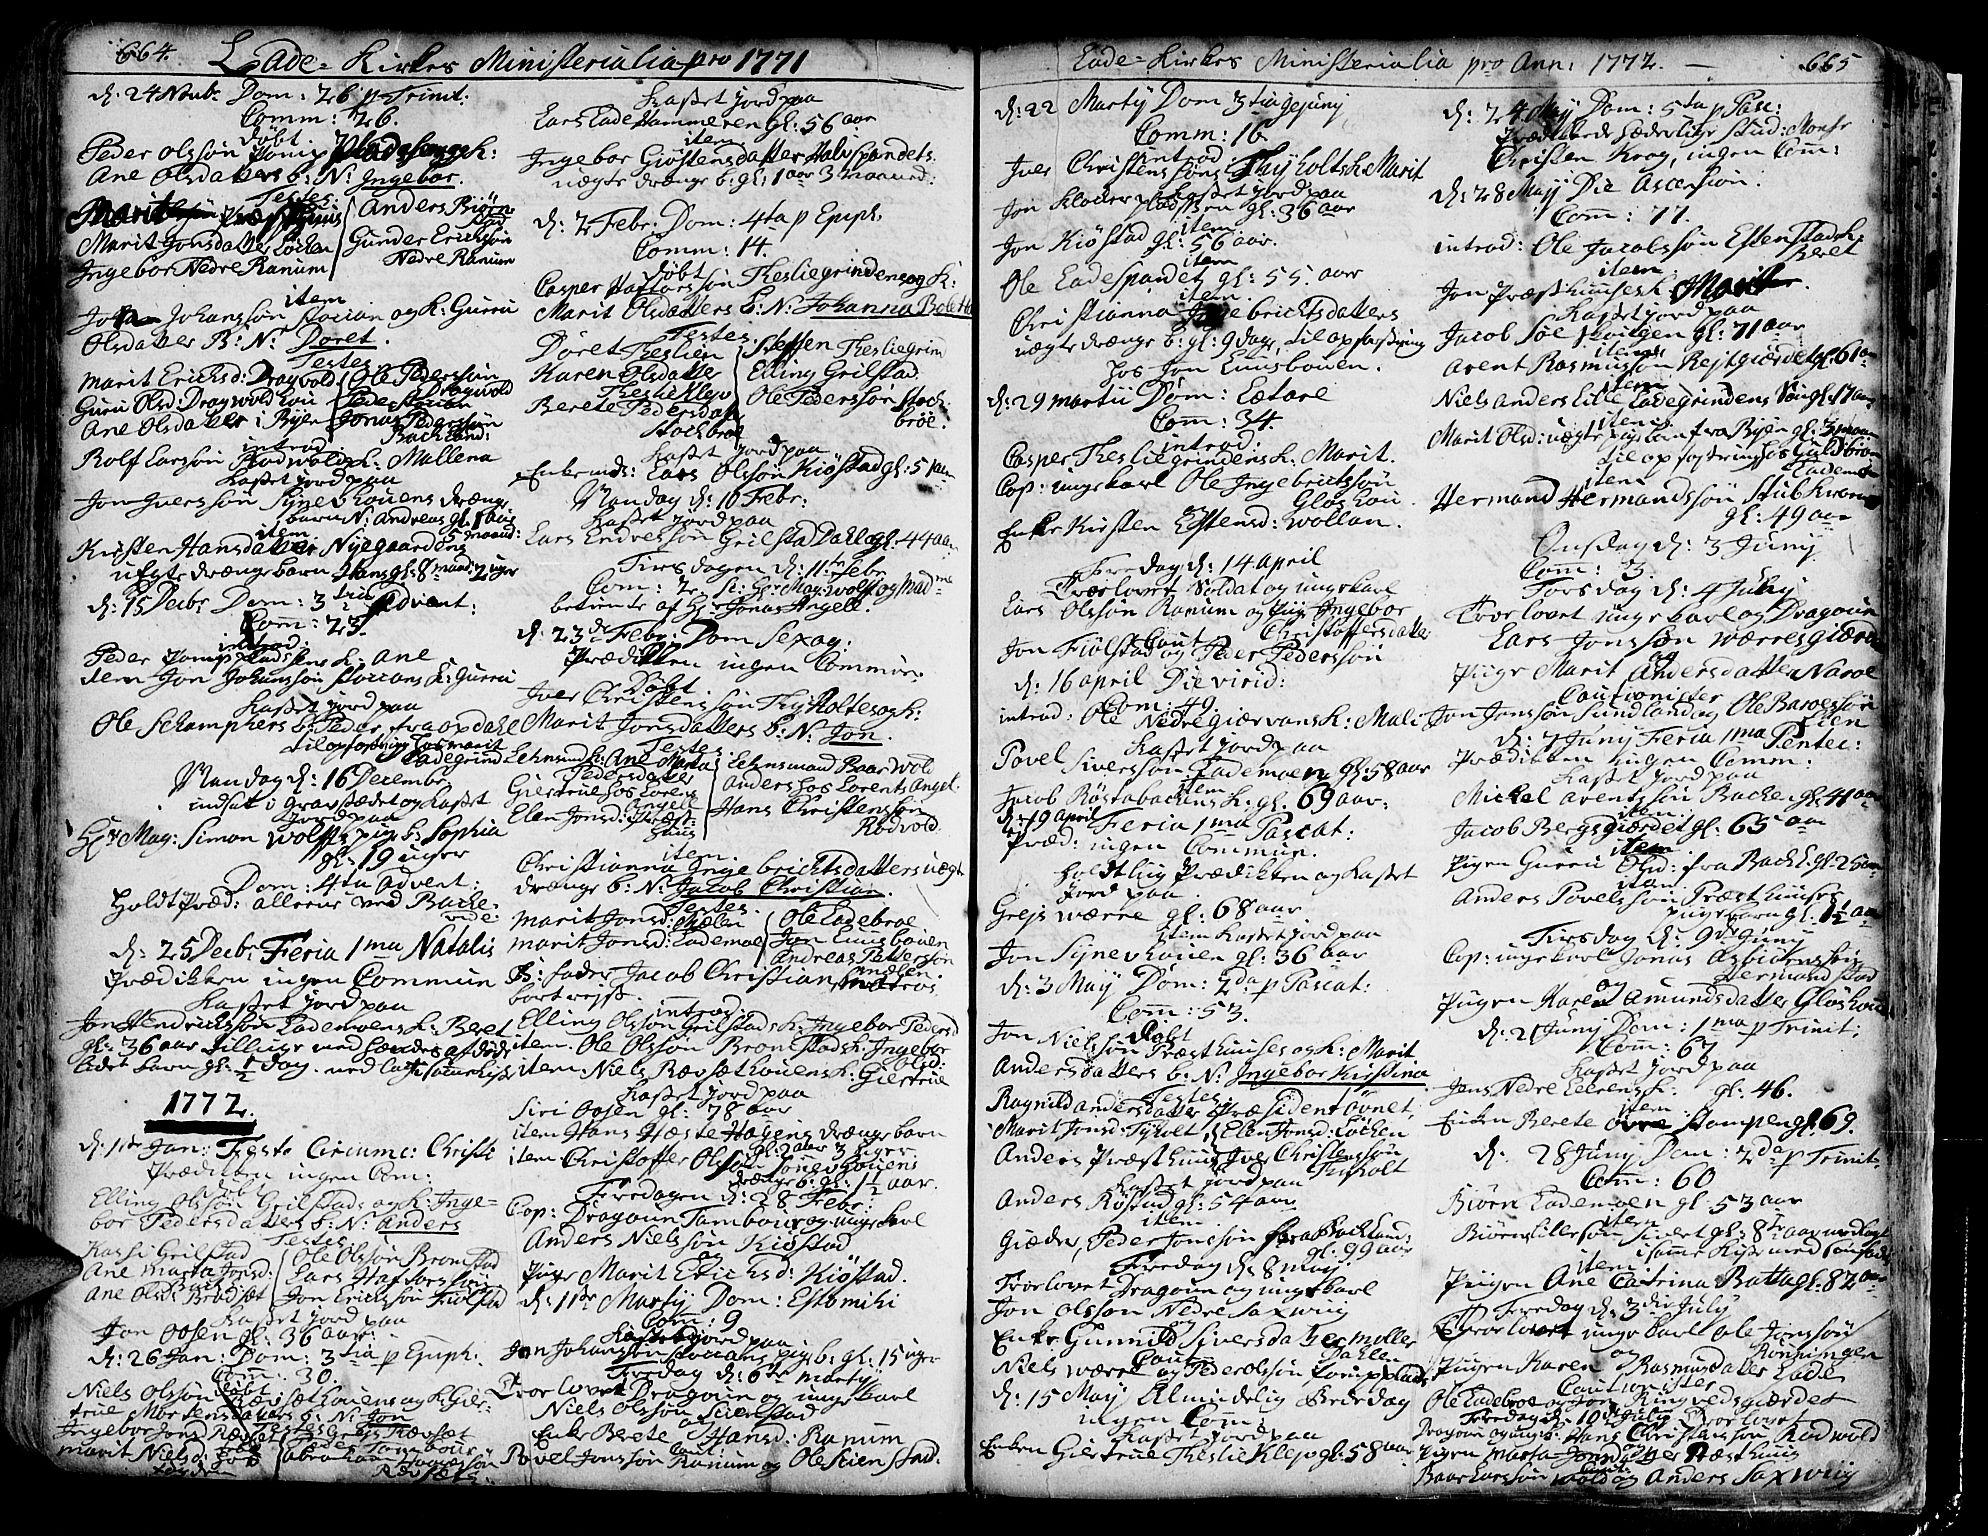 SAT, Ministerialprotokoller, klokkerbøker og fødselsregistre - Sør-Trøndelag, 606/L0275: Ministerialbok nr. 606A01 /1, 1727-1780, s. 664-665